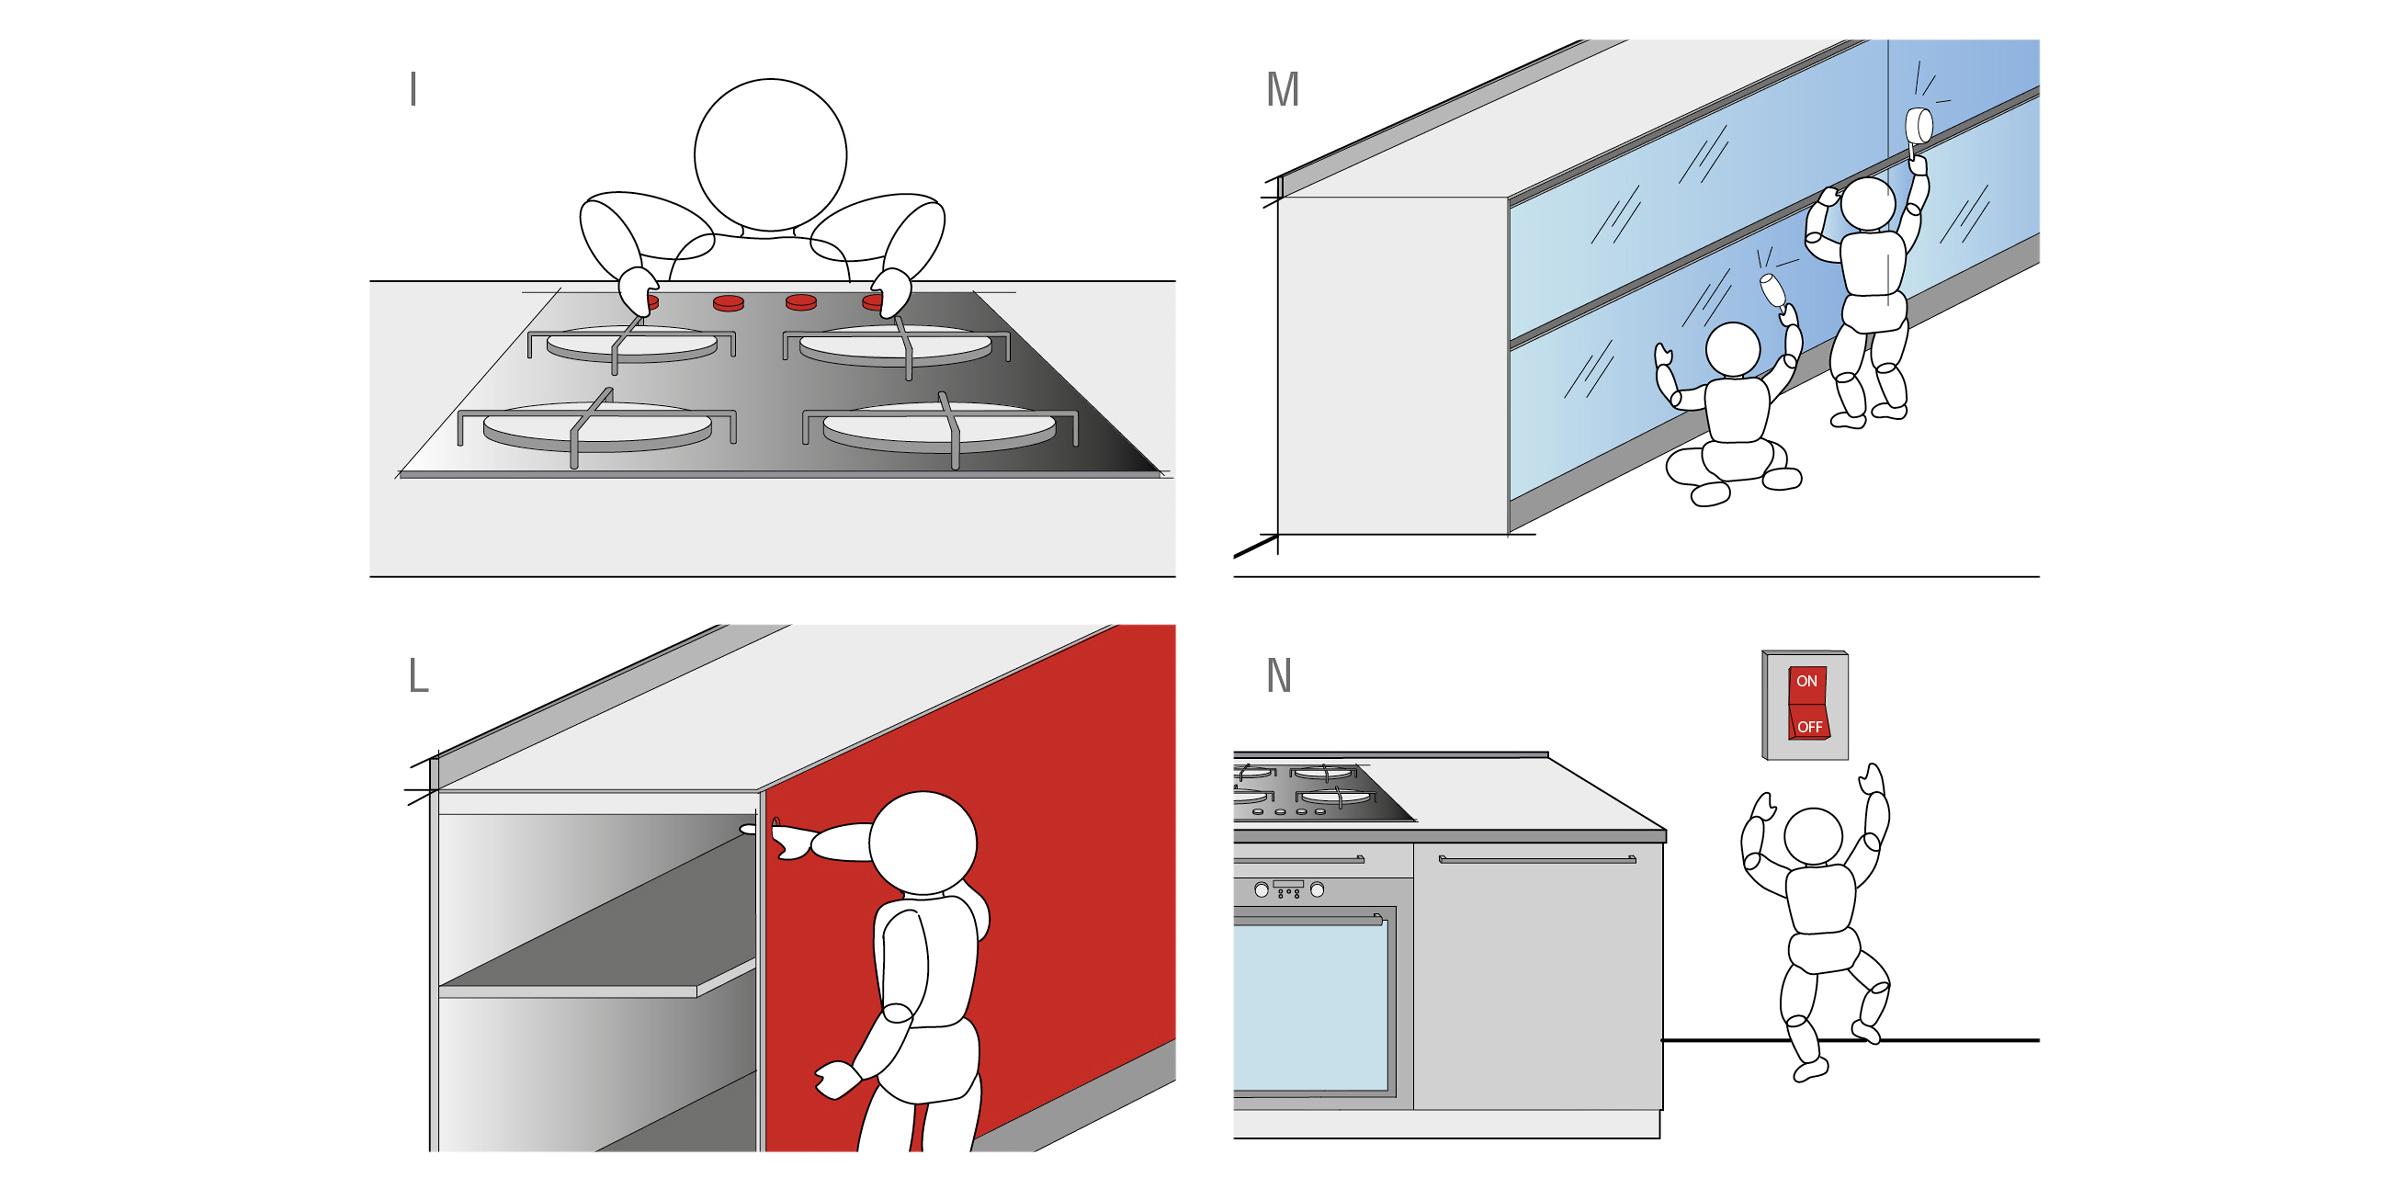 Sicurezza bambini in cucina progettazione valcucine - Foro nel muro della cucina per normativa gas ...